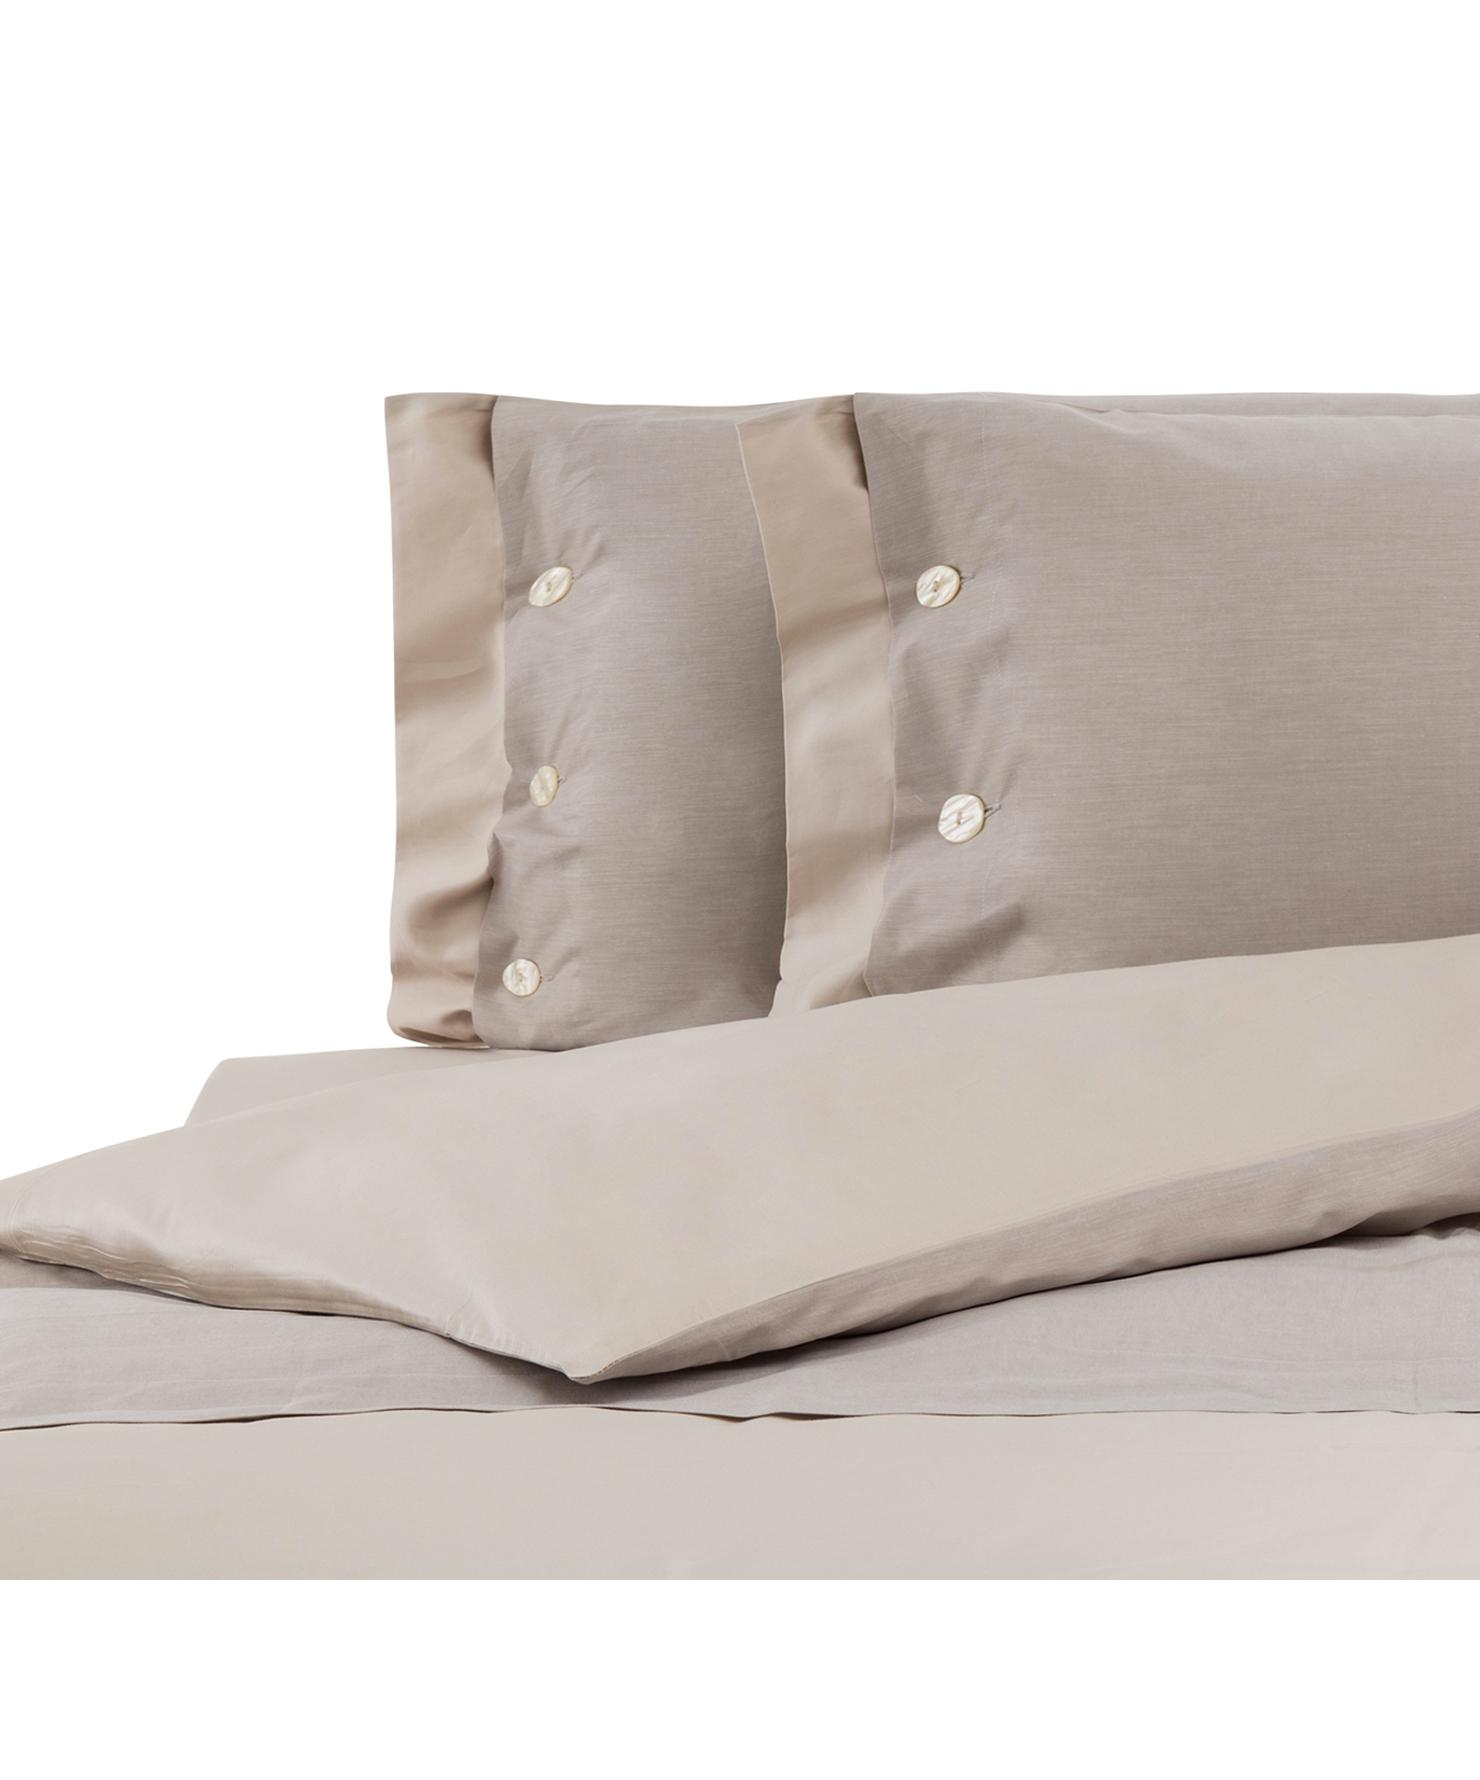 Completo copripiumino in raso di cotone Charme, Raso di cotone, Beige, 200 x 255 cm